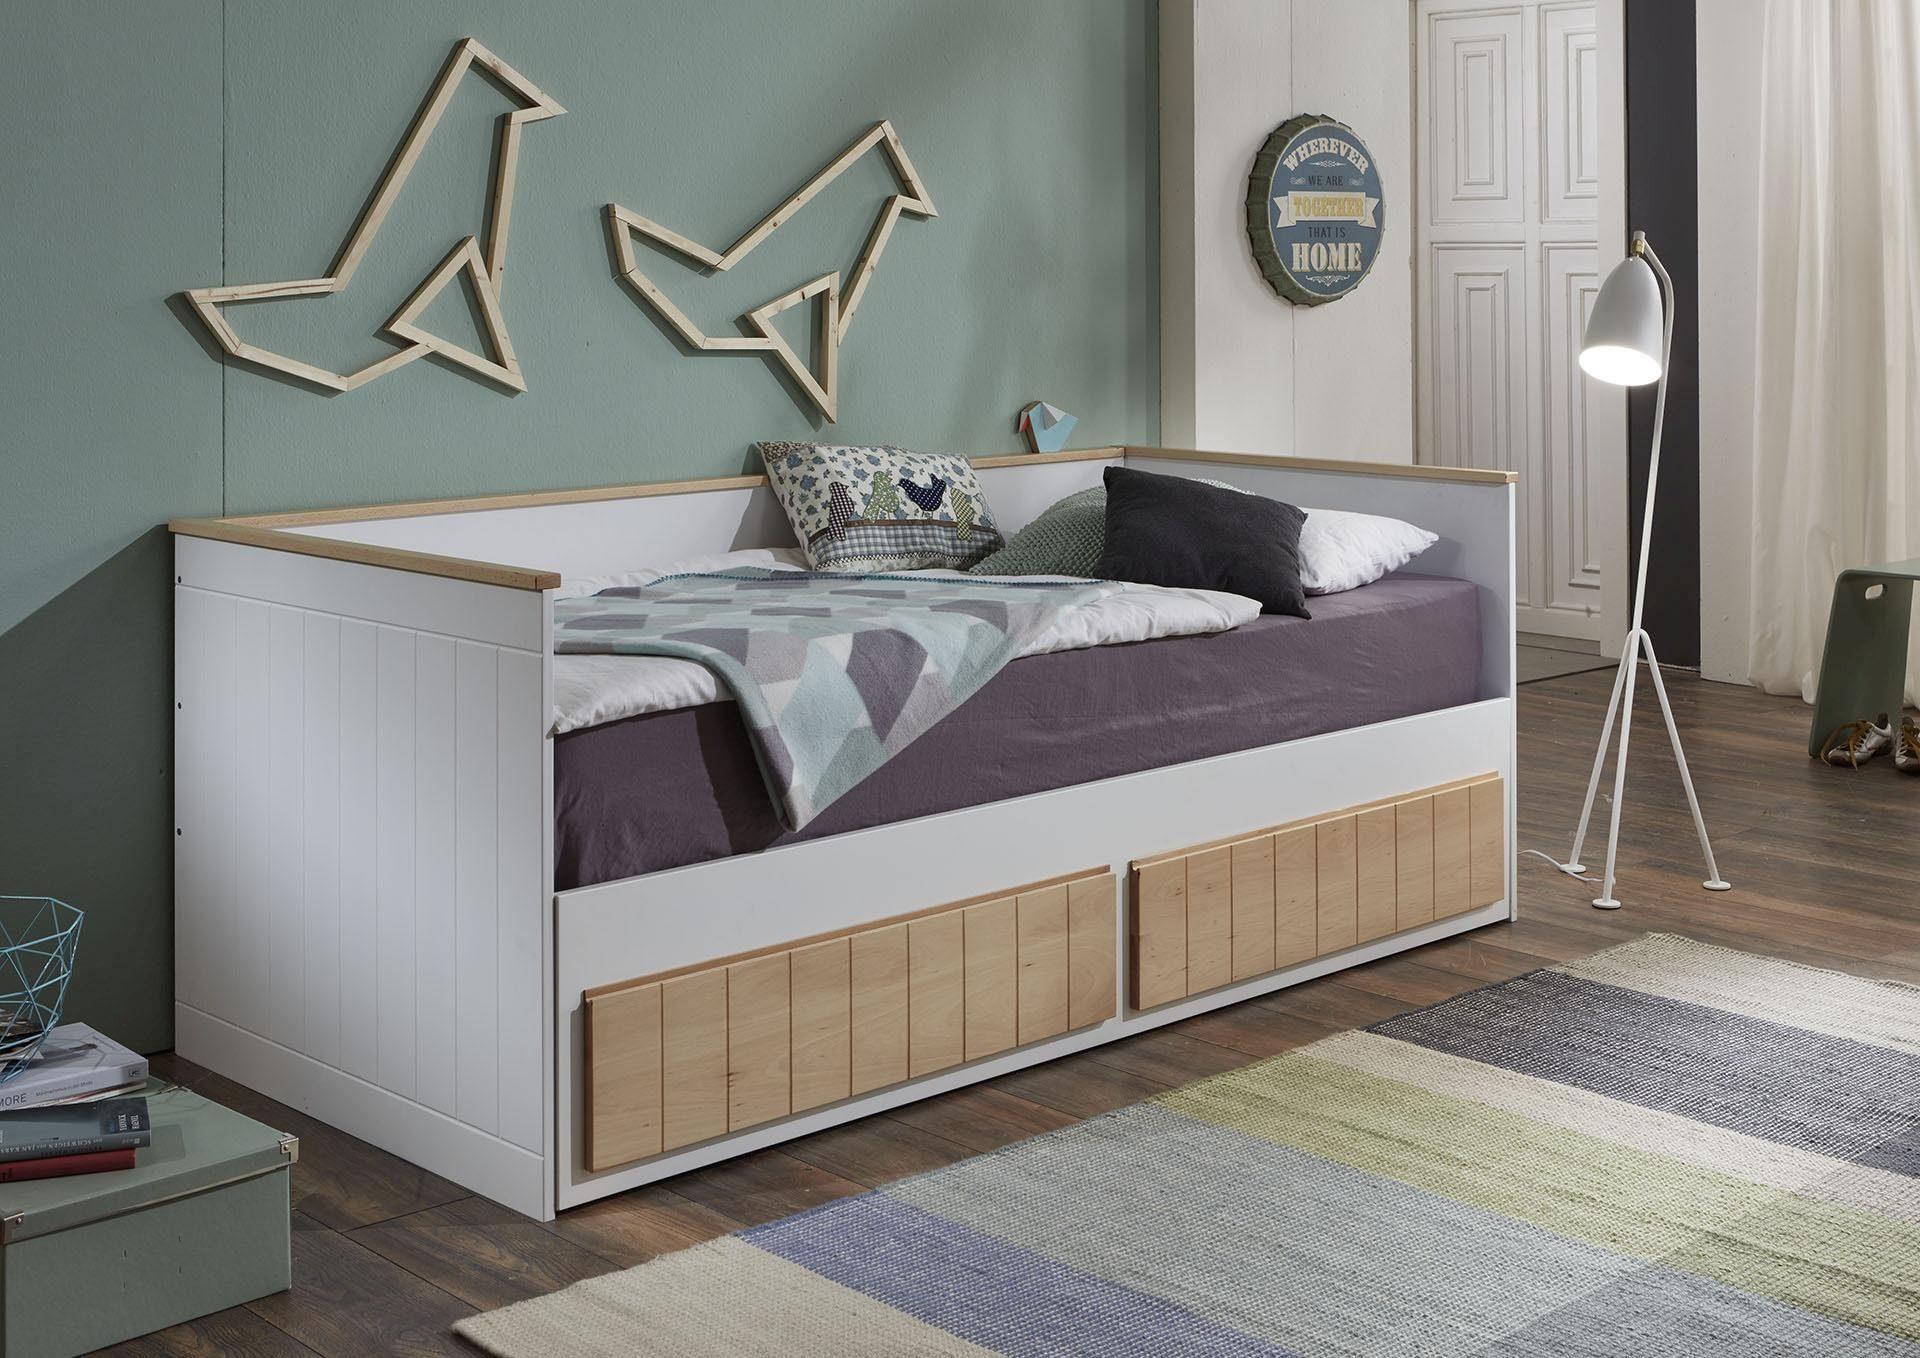 Bett mit schubladen frisch benjamin funktionsbett